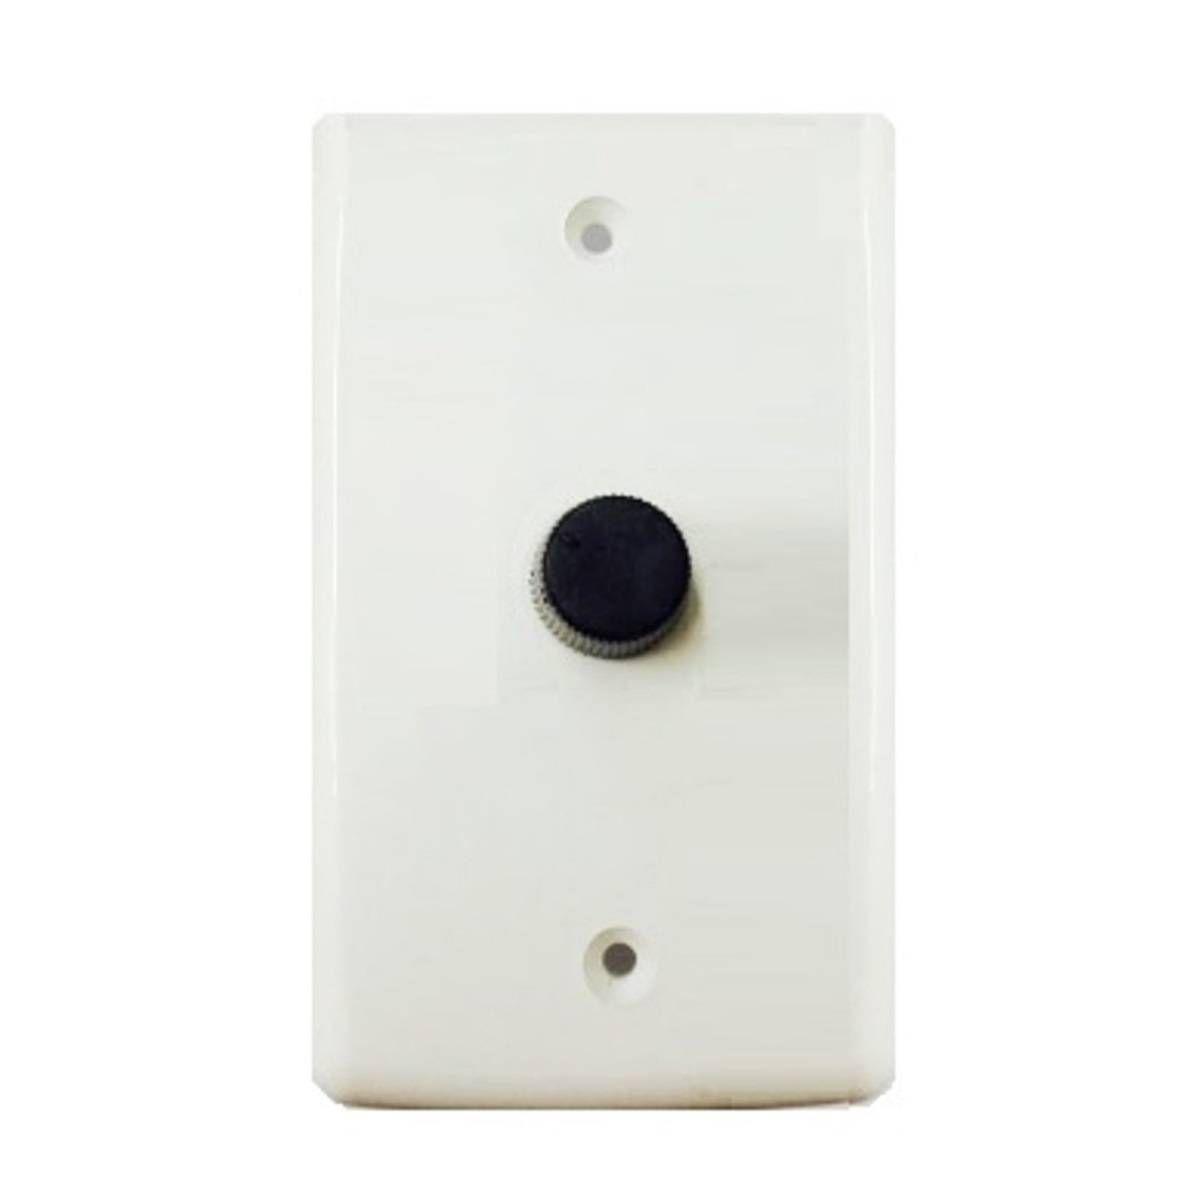 Kit 4 Ventiladores Parede Oscilante 50 Cm Preto / Prata Bivolt Grade Aço